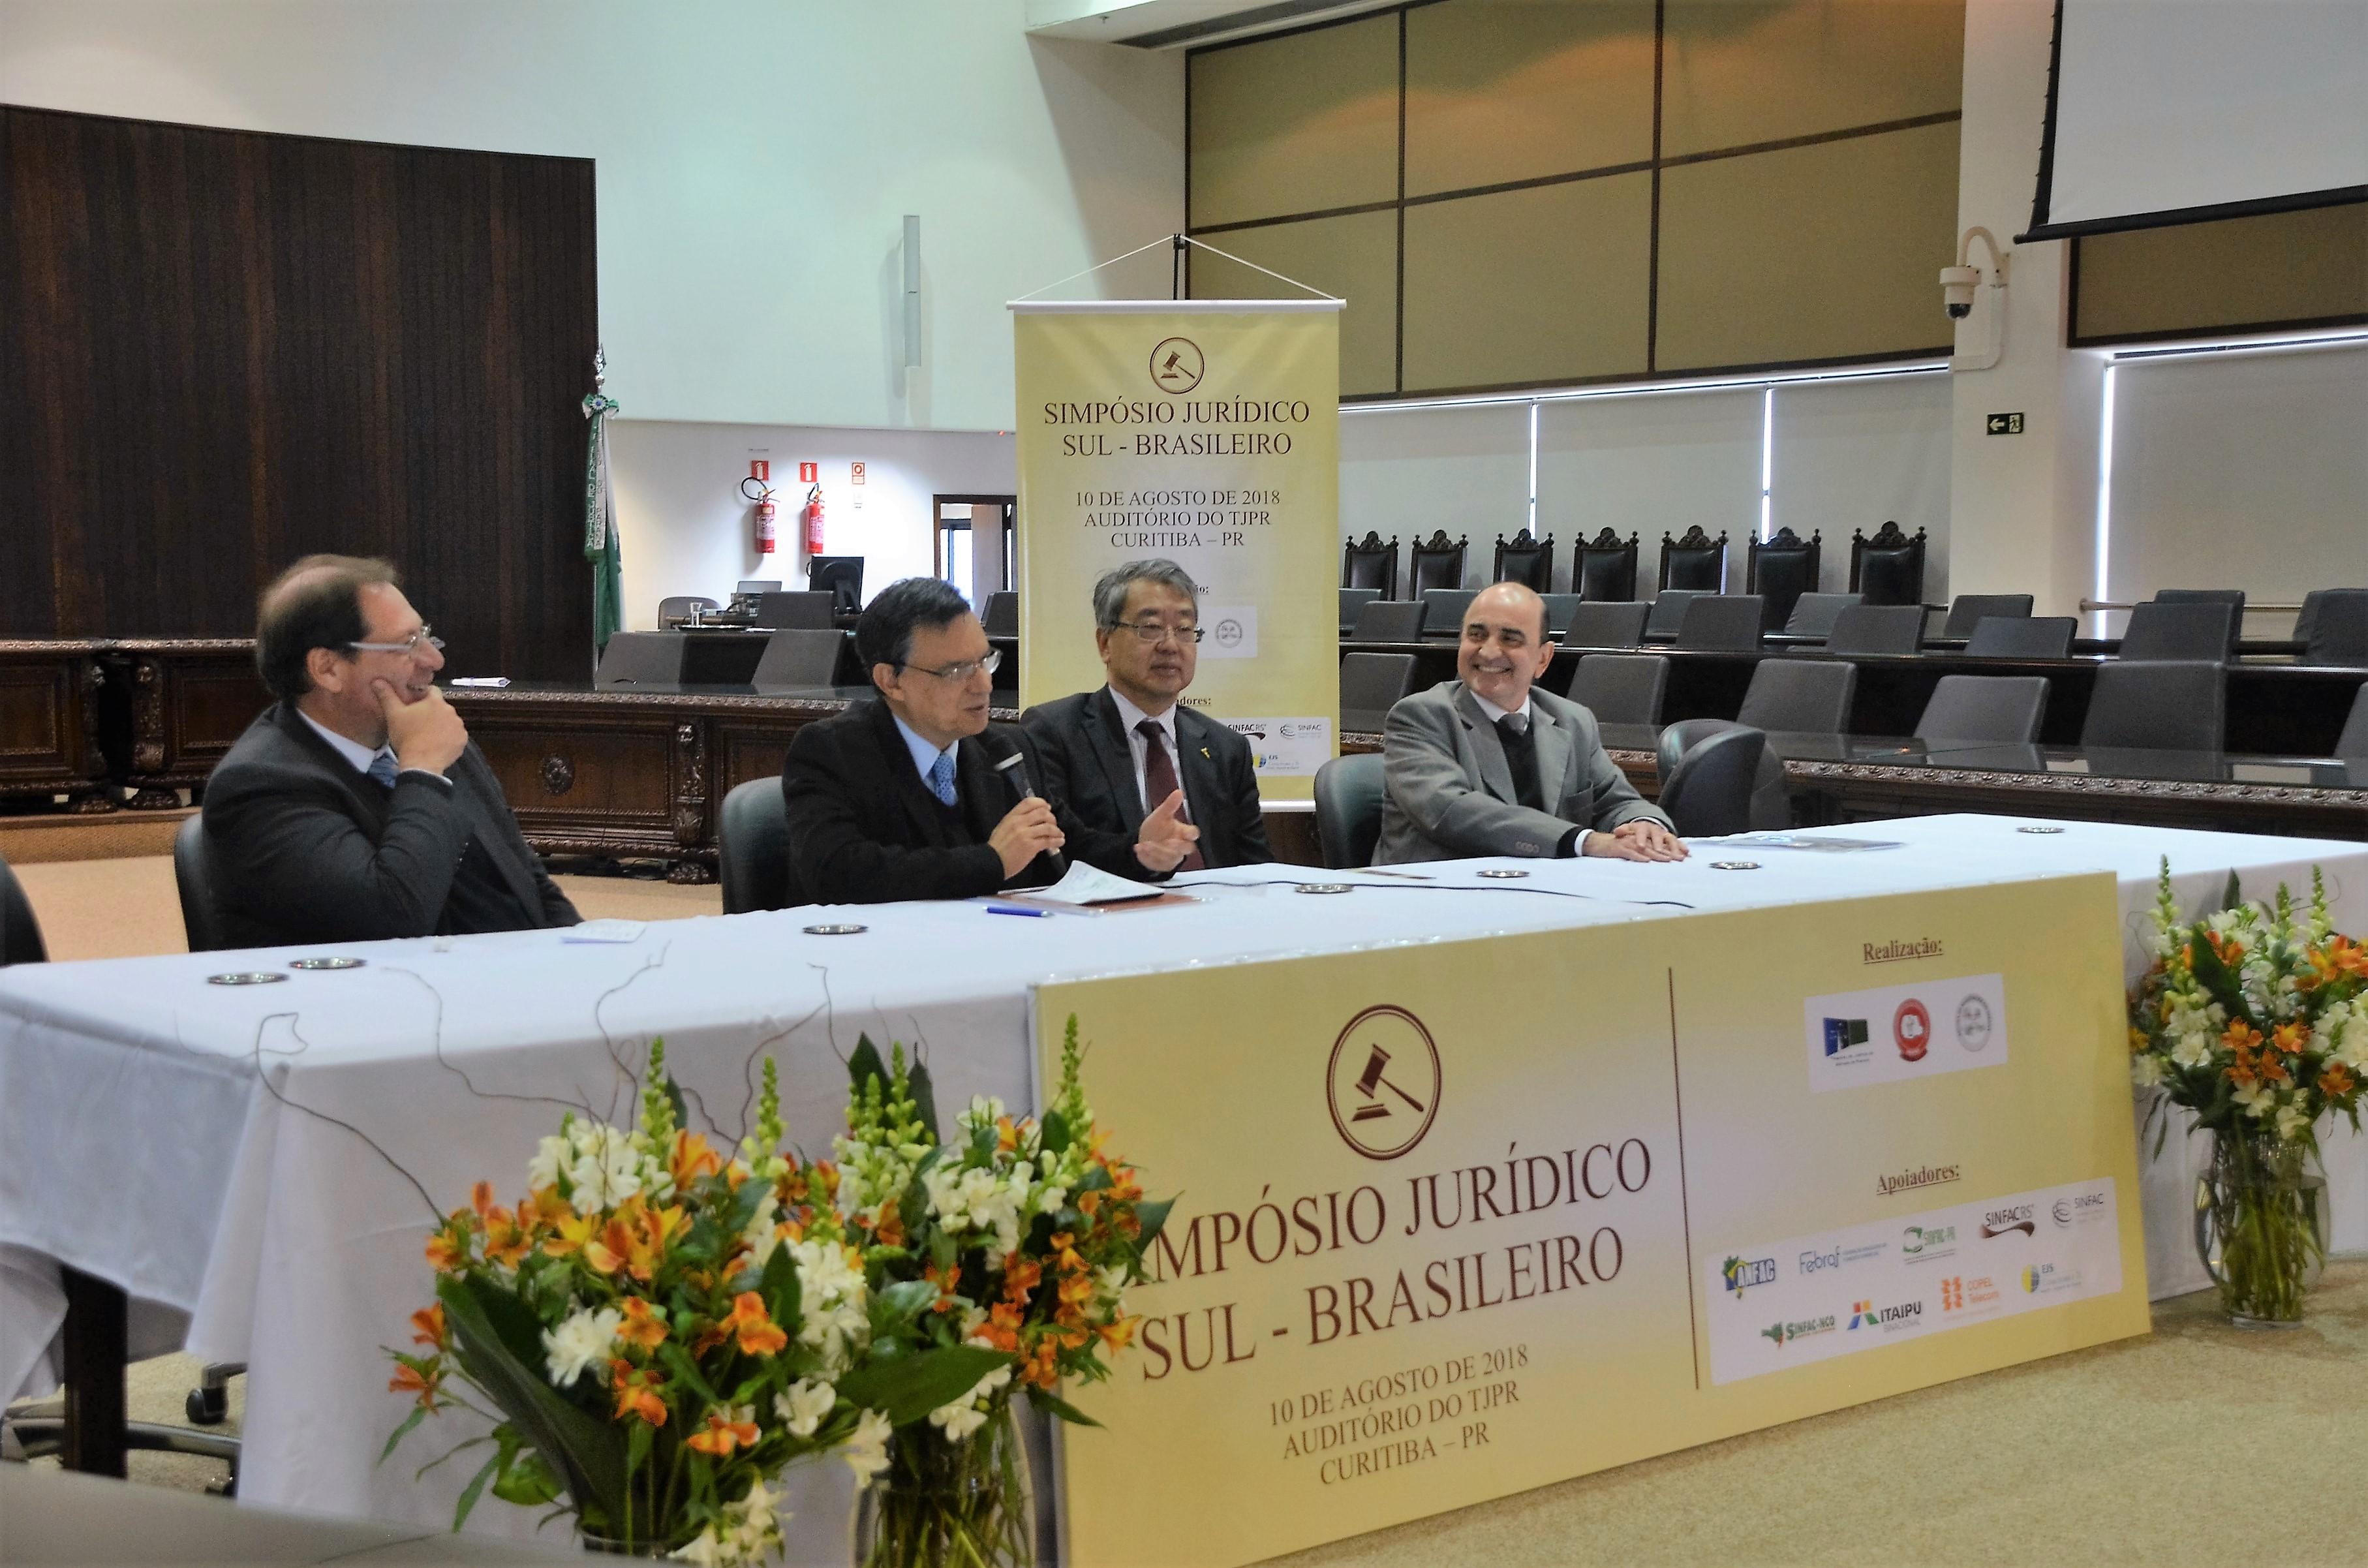 Simpósio realizado no TJPR apresenta a visão do Poder Judiciário sobre a atividade de fomento comercial